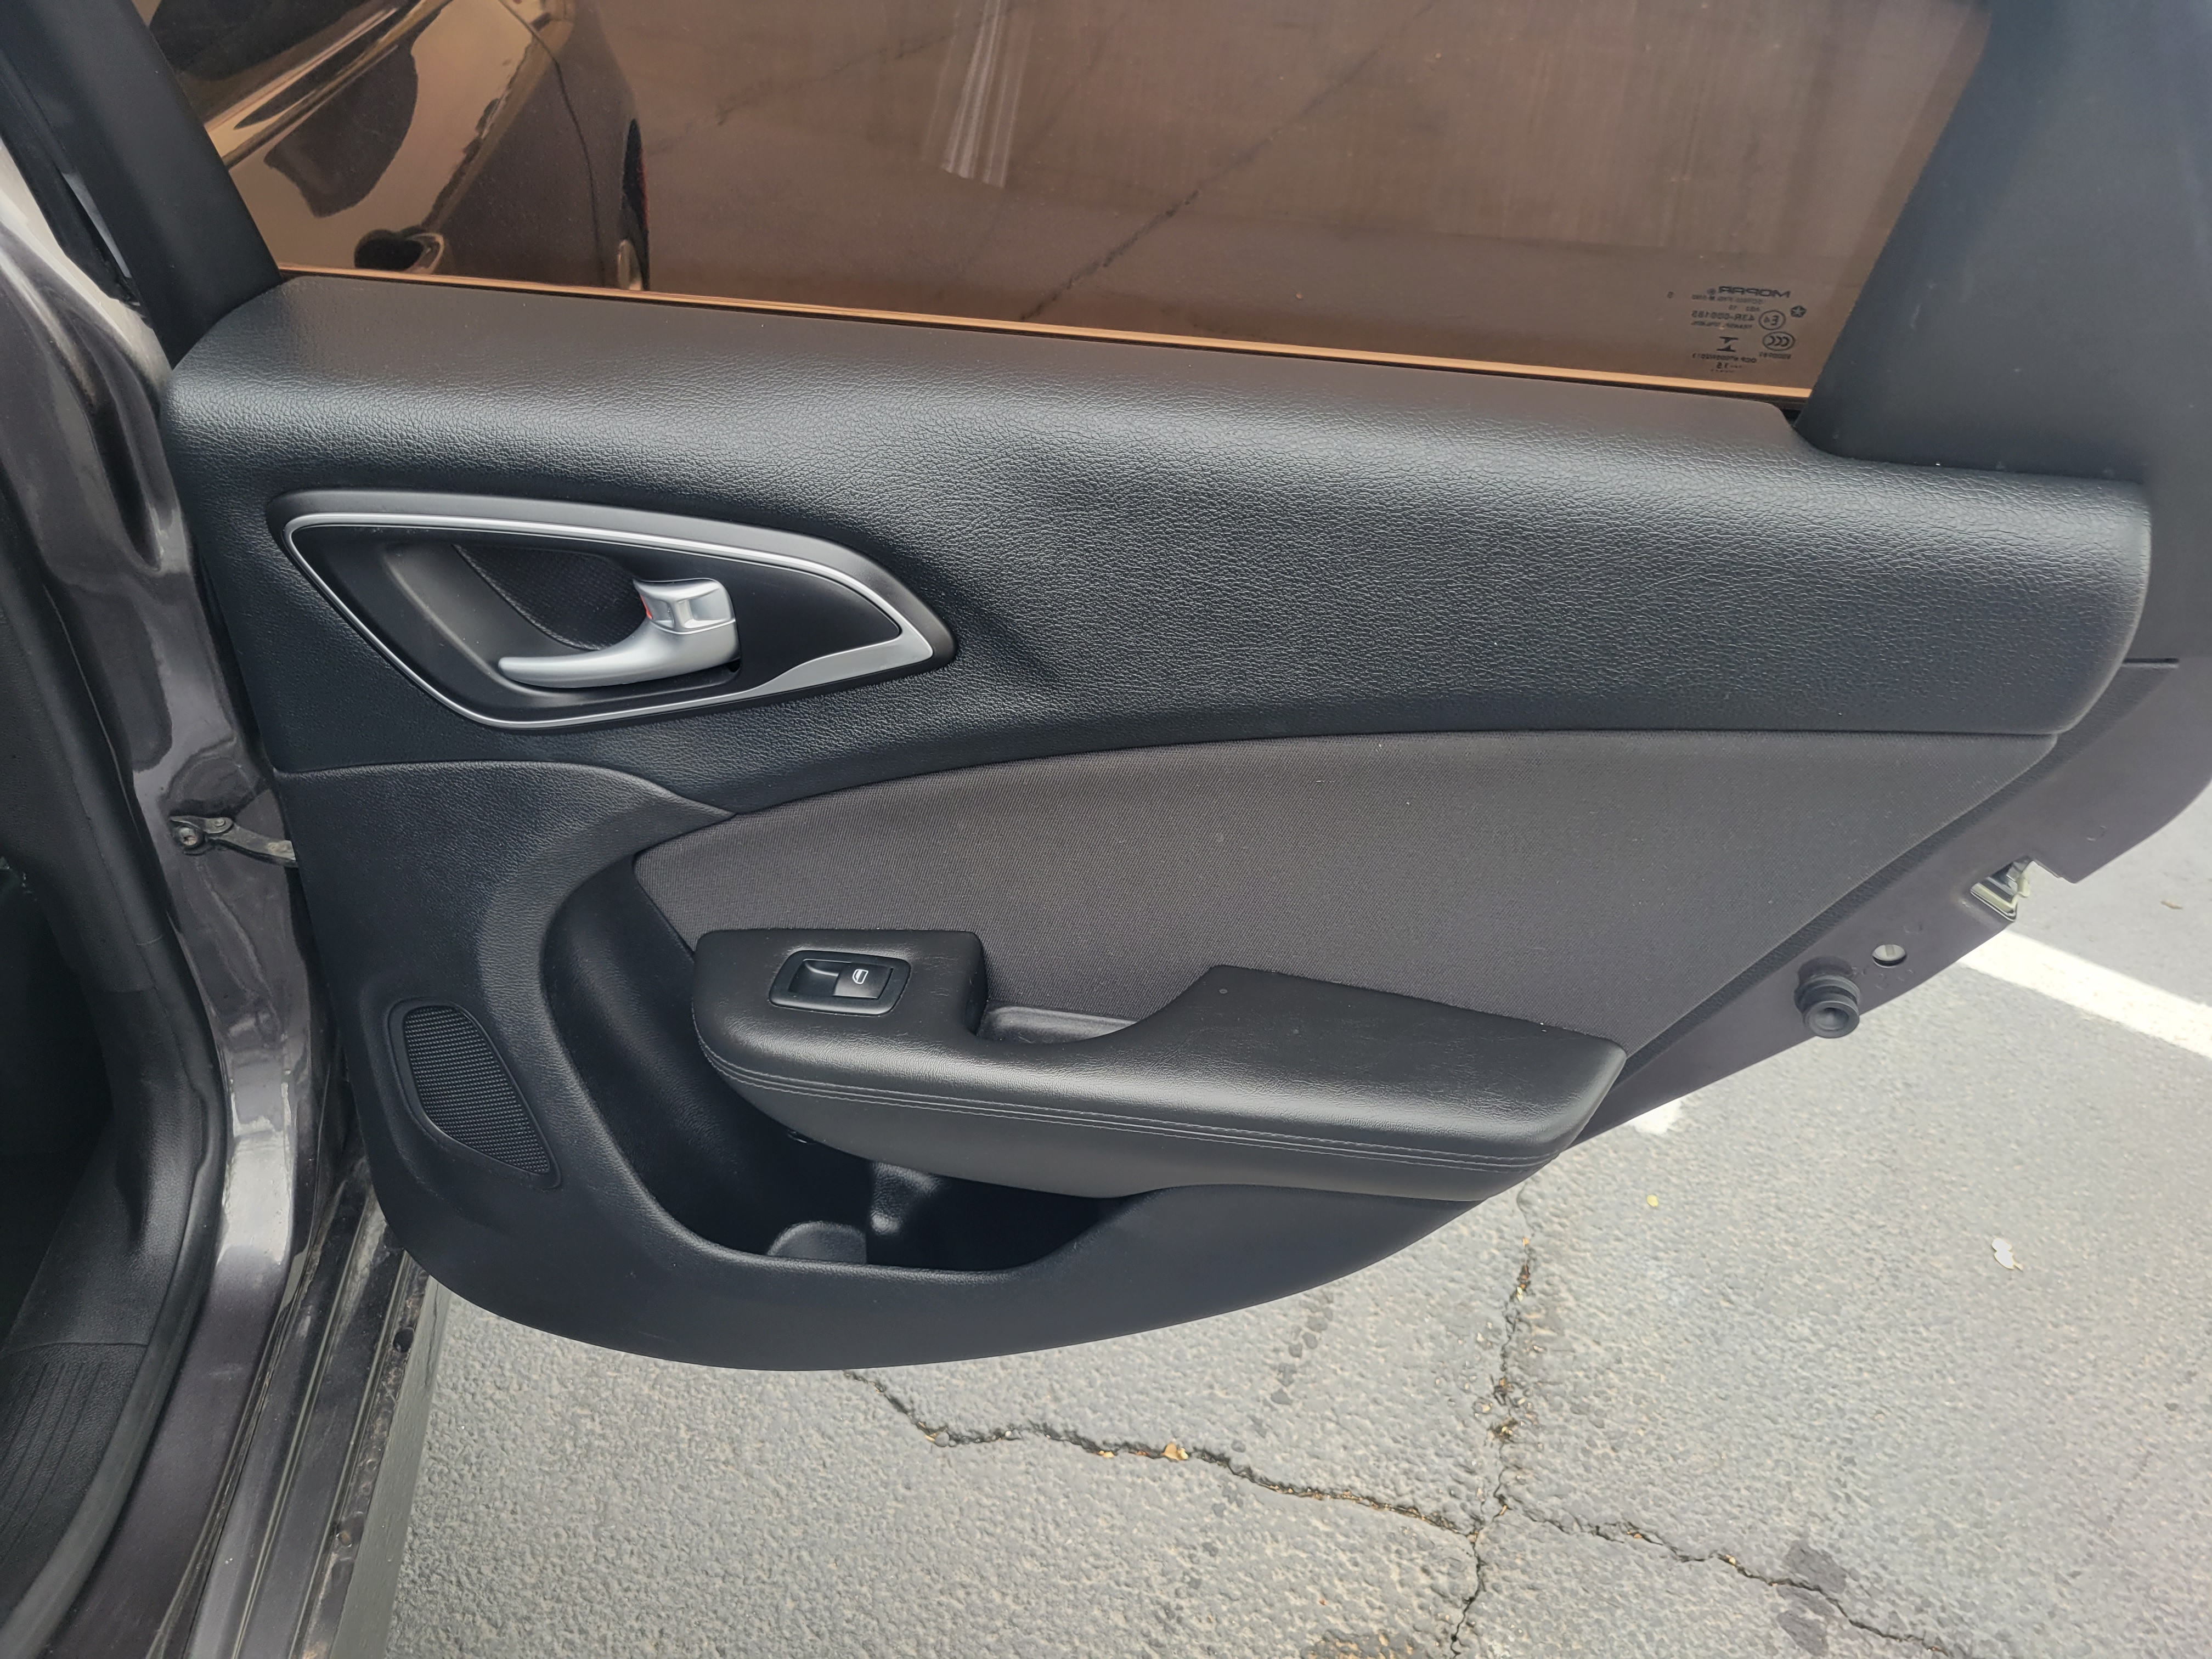 used vehicle - Sedan CHRYSLER 200 2015